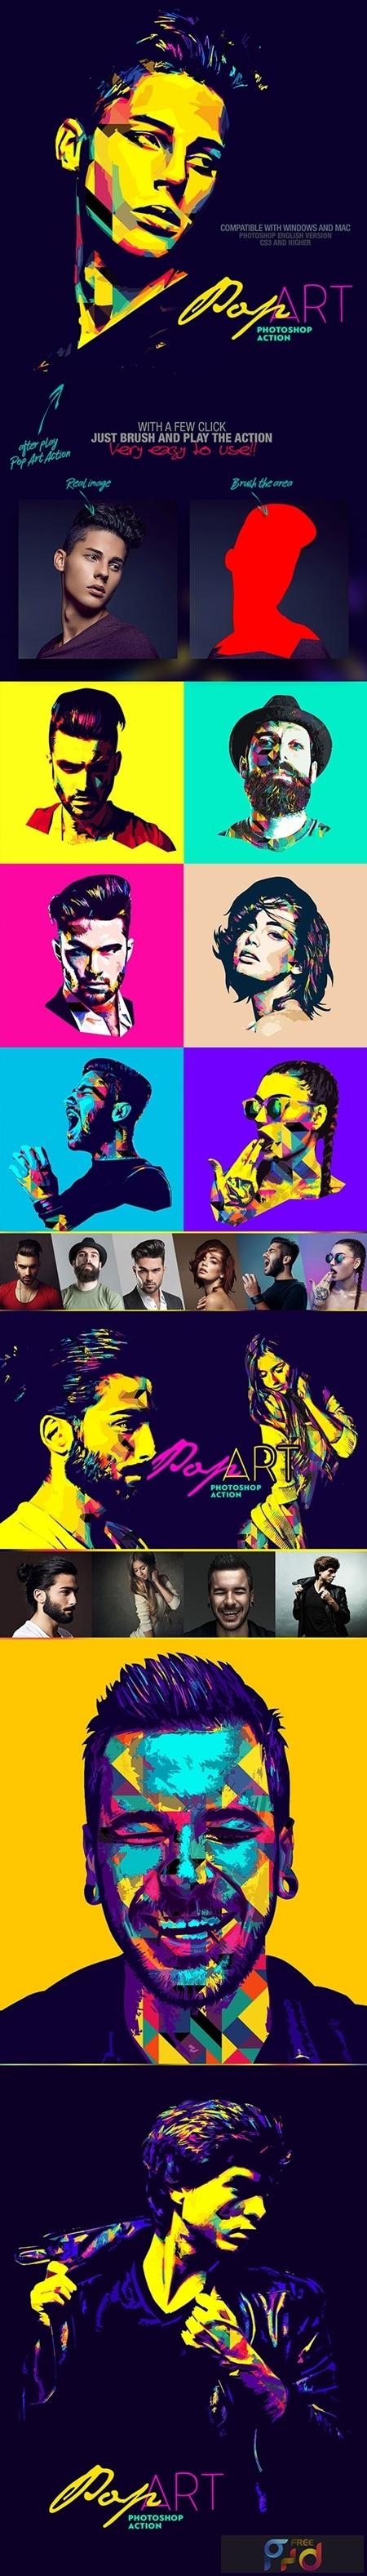 Pop Art Photoshop Action 25885056 1